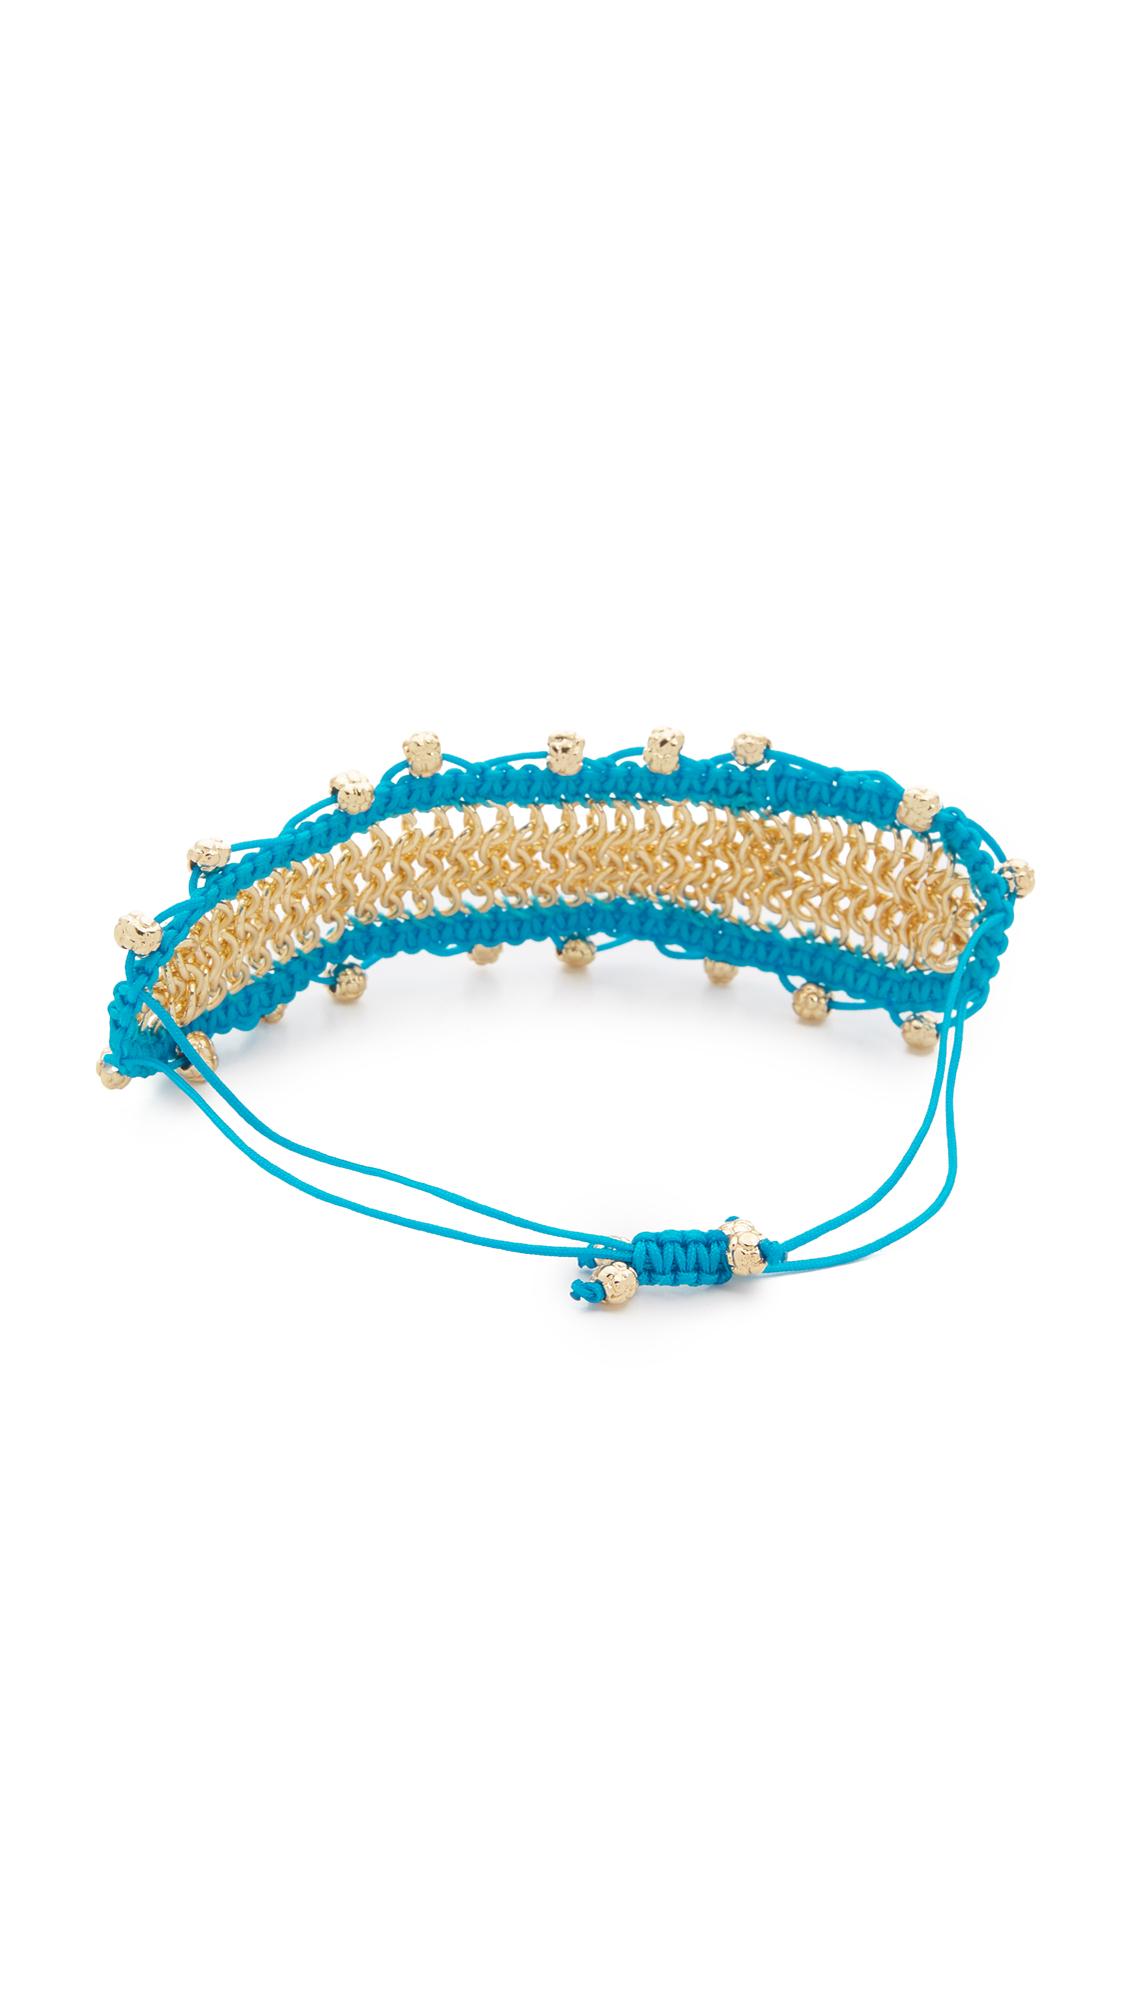 Sams Club Jewelry Bracelets